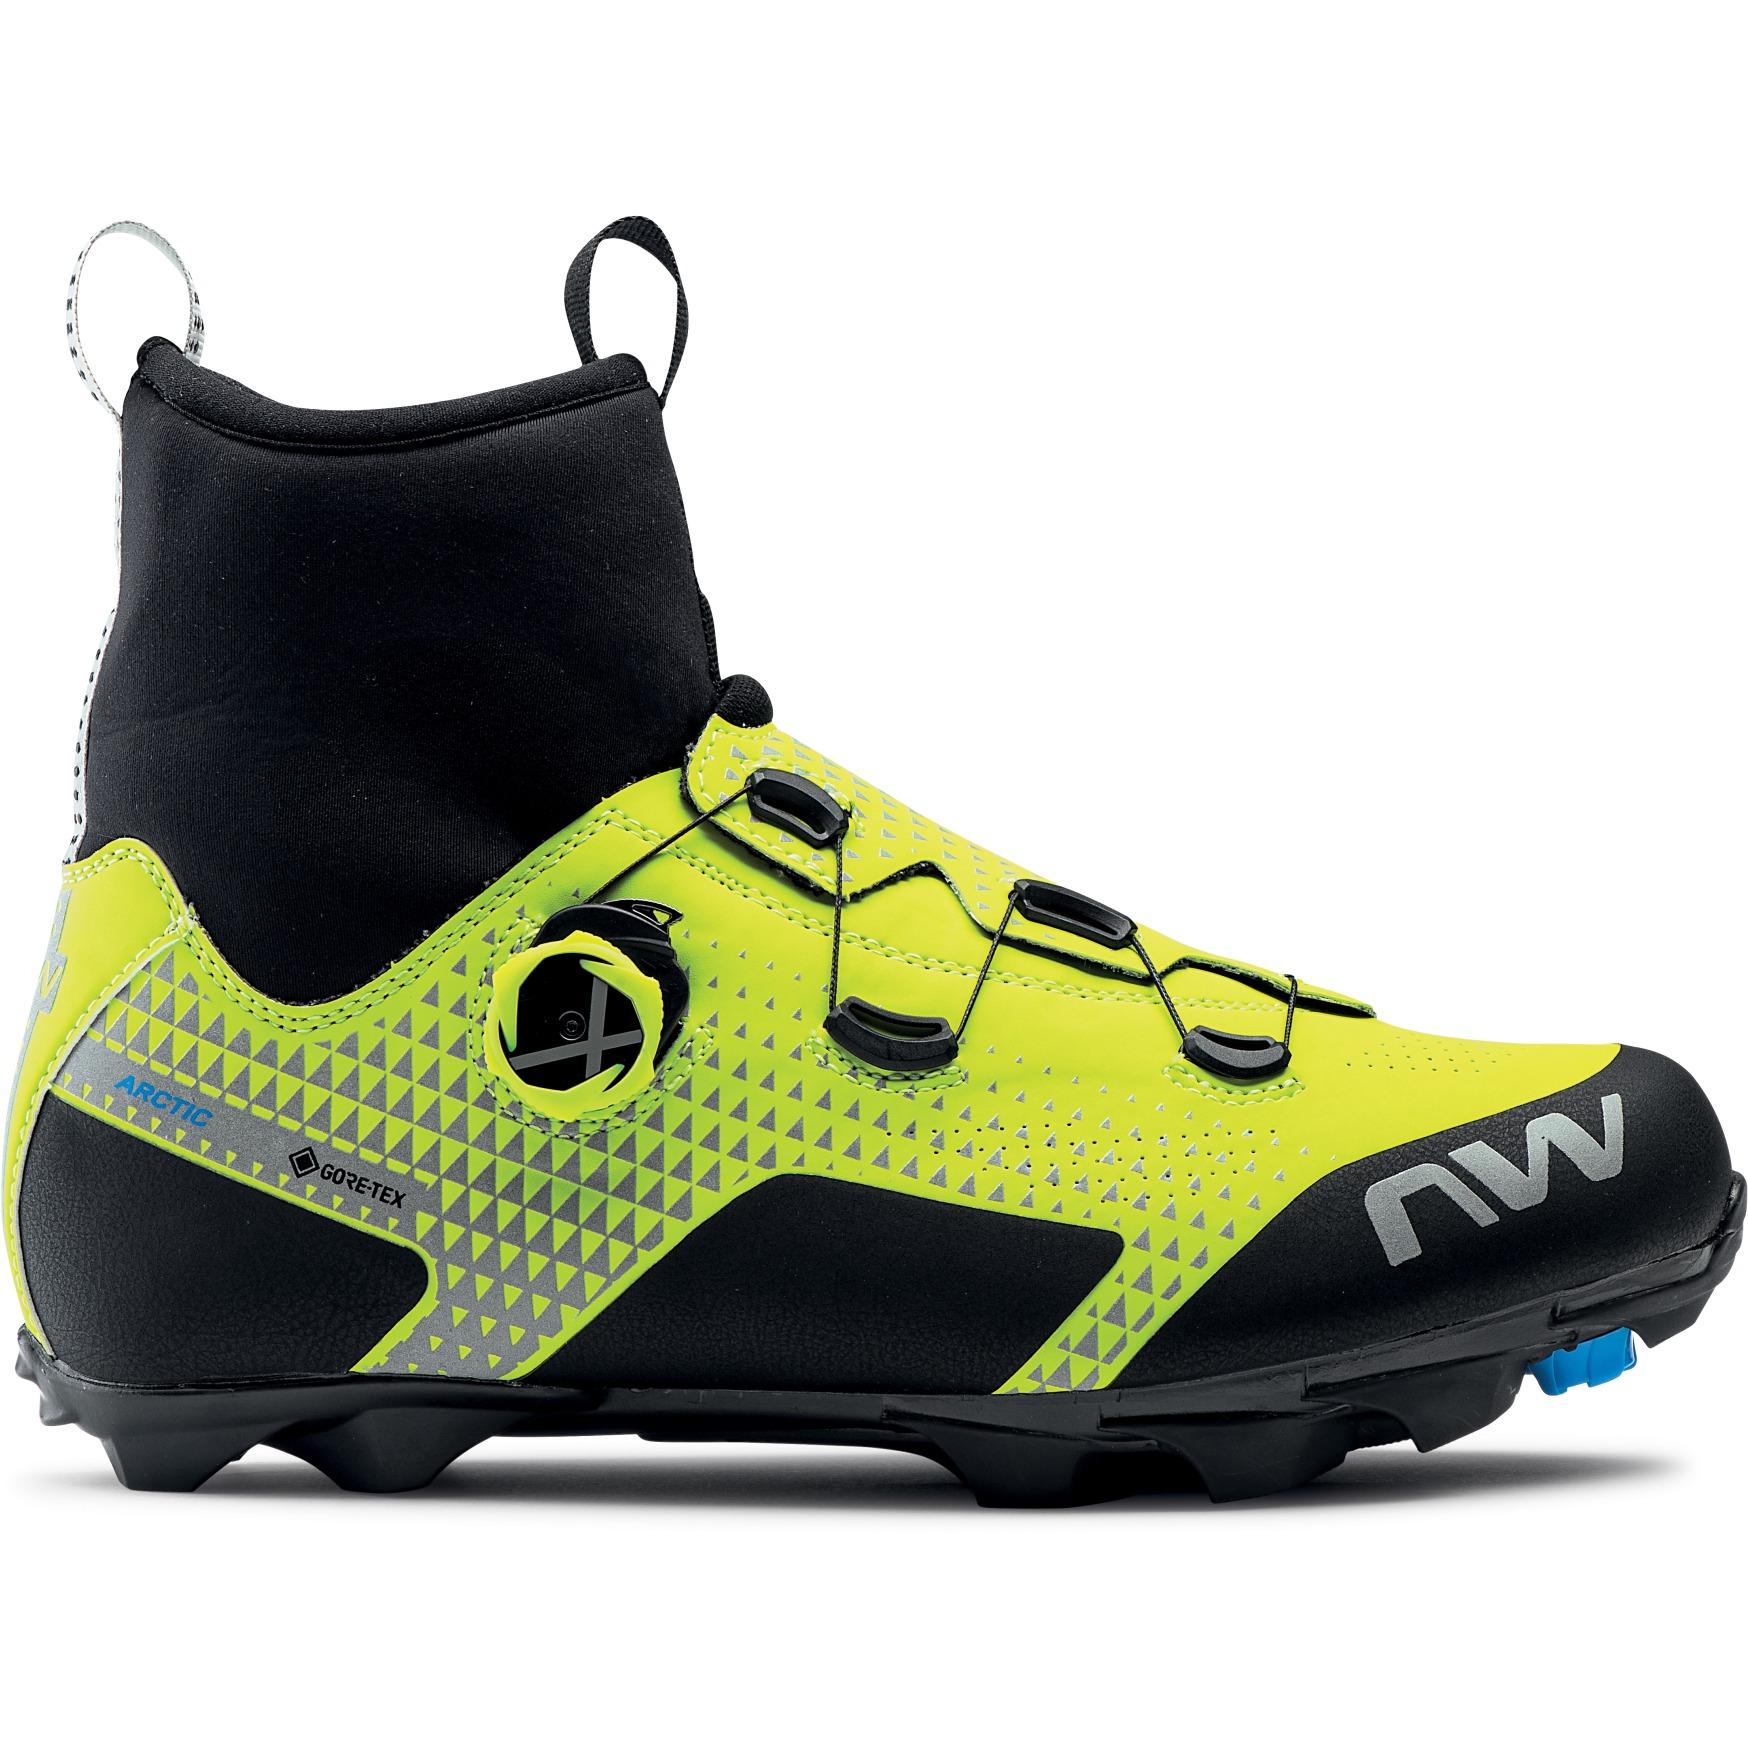 Produktbild von Northwave Celsius XC Arctic GTX MTB Schuhe - yellow fluo/reflective